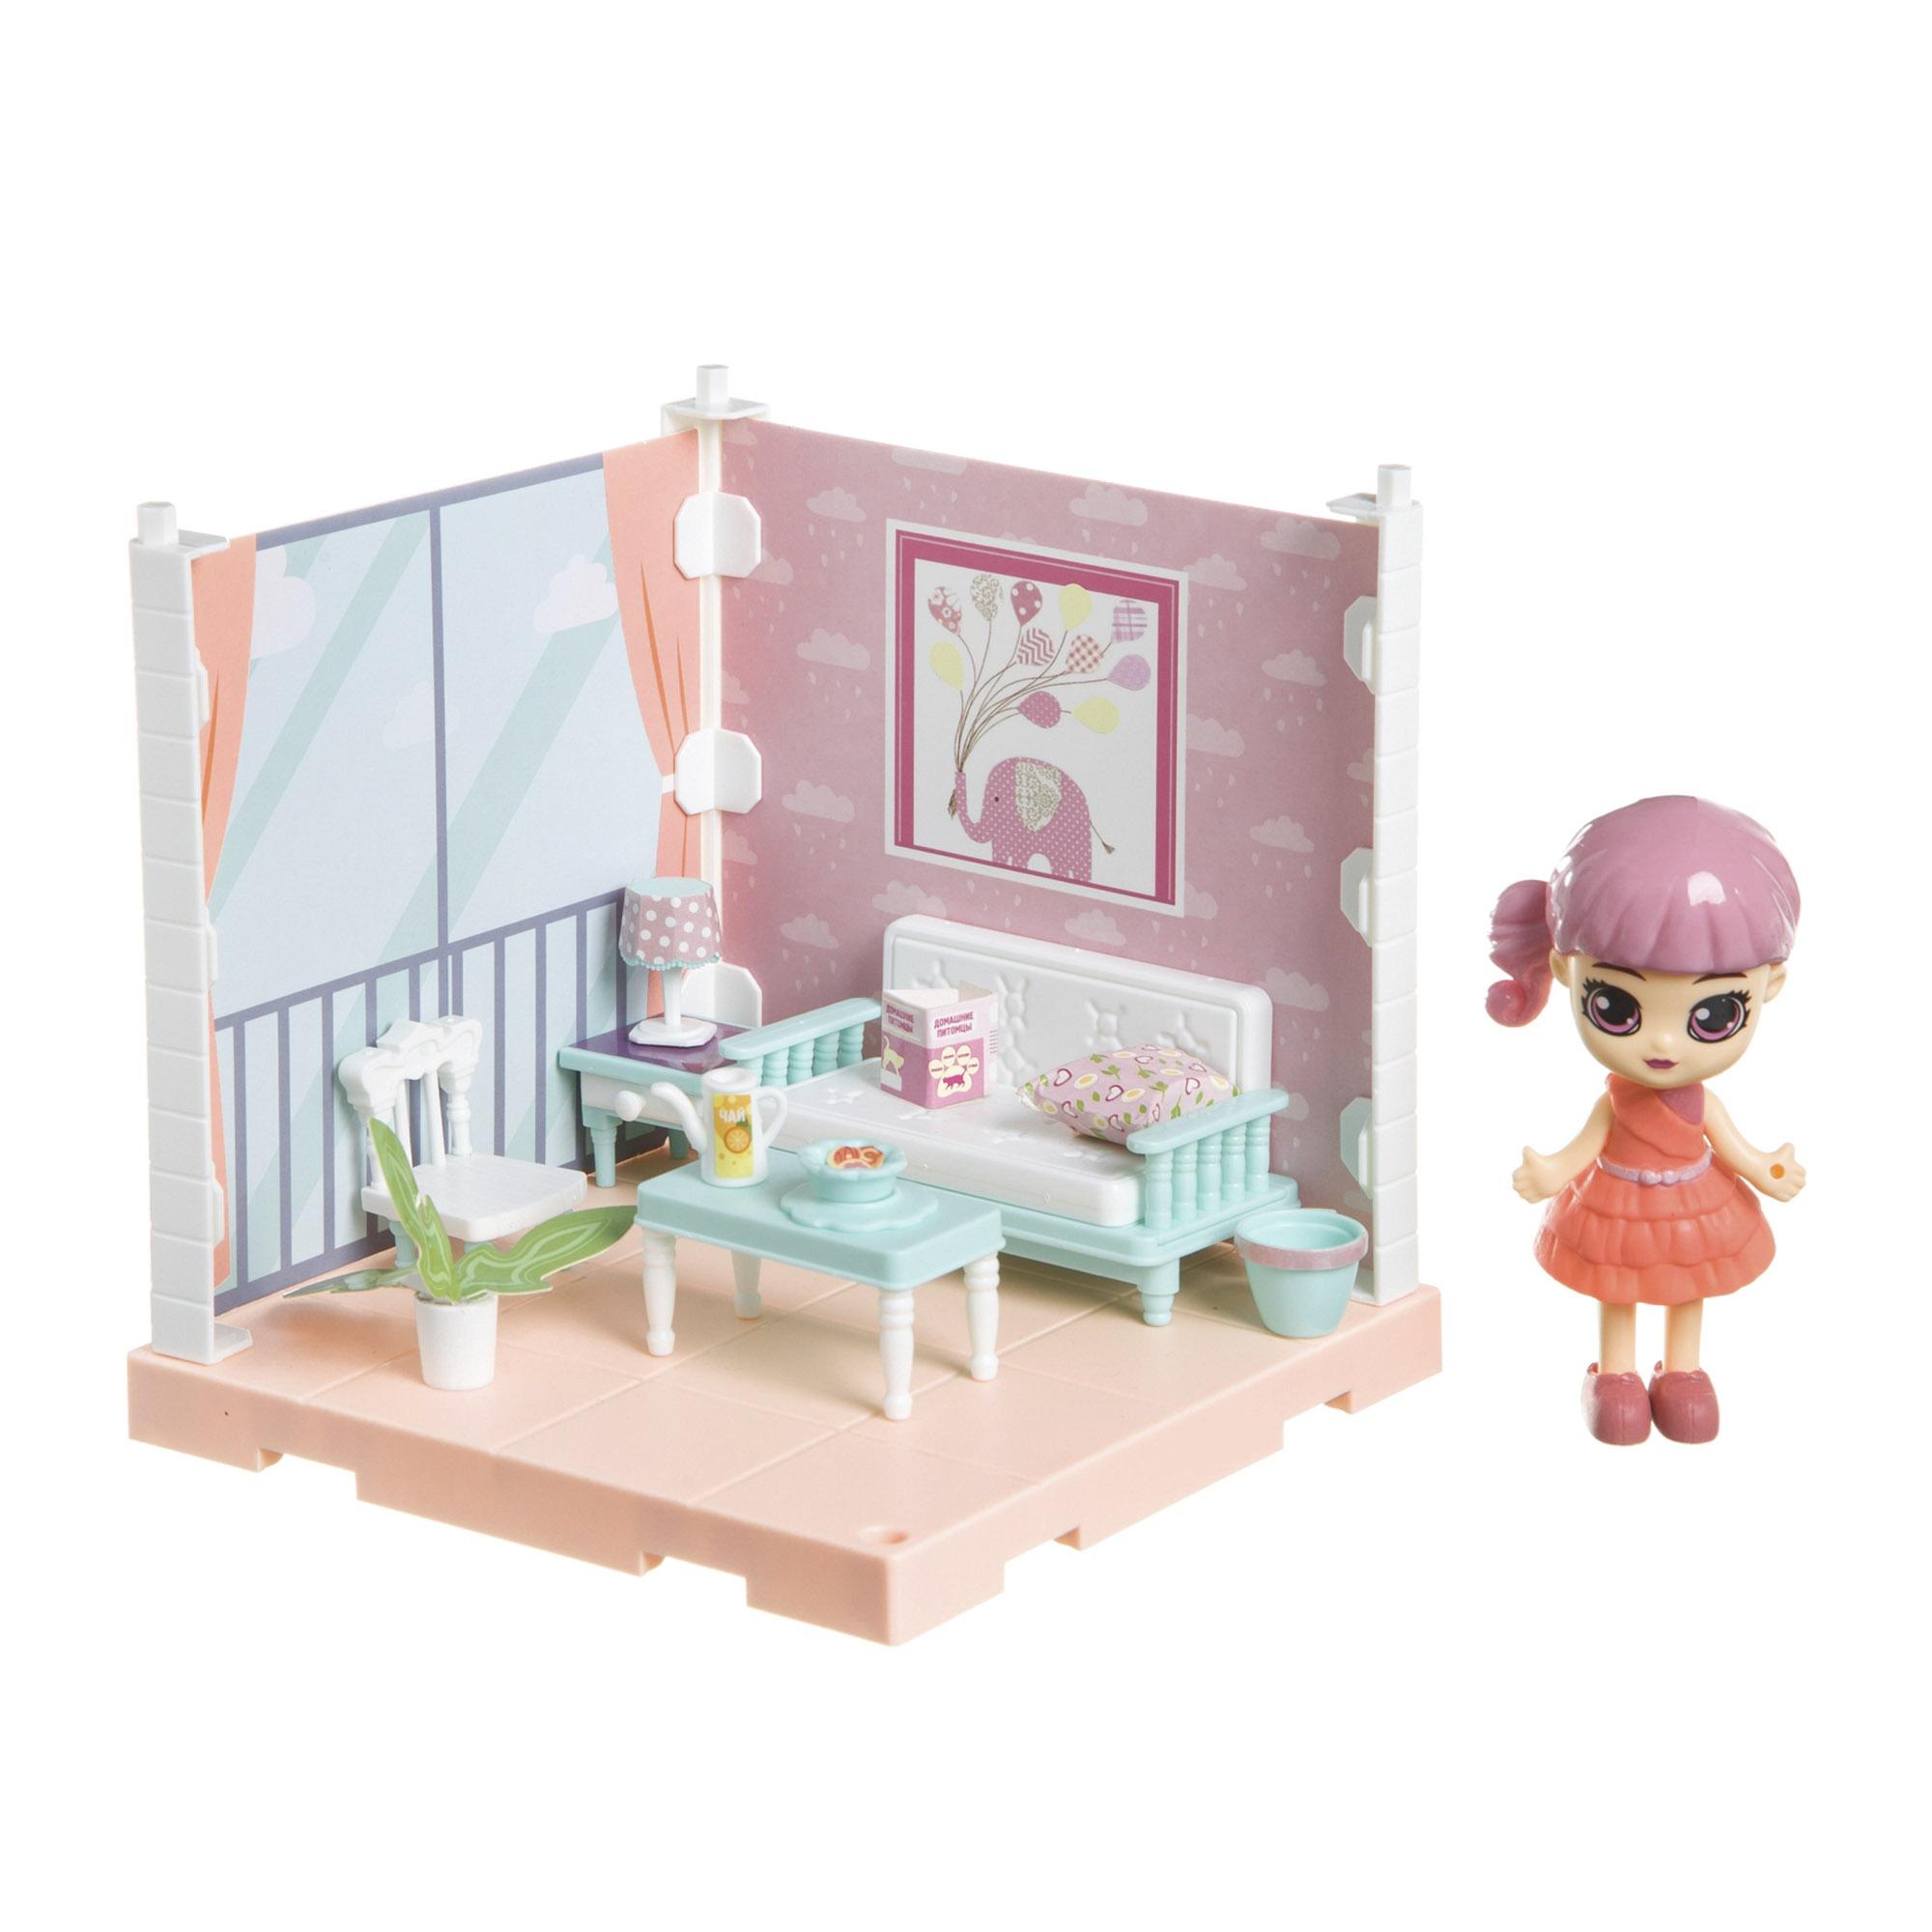 Фото - Набор игровой Bondibon Кукольный уголок гостиная и куколка Oly набор игровой bondibon кукольный уголок гостиная и куколка oly